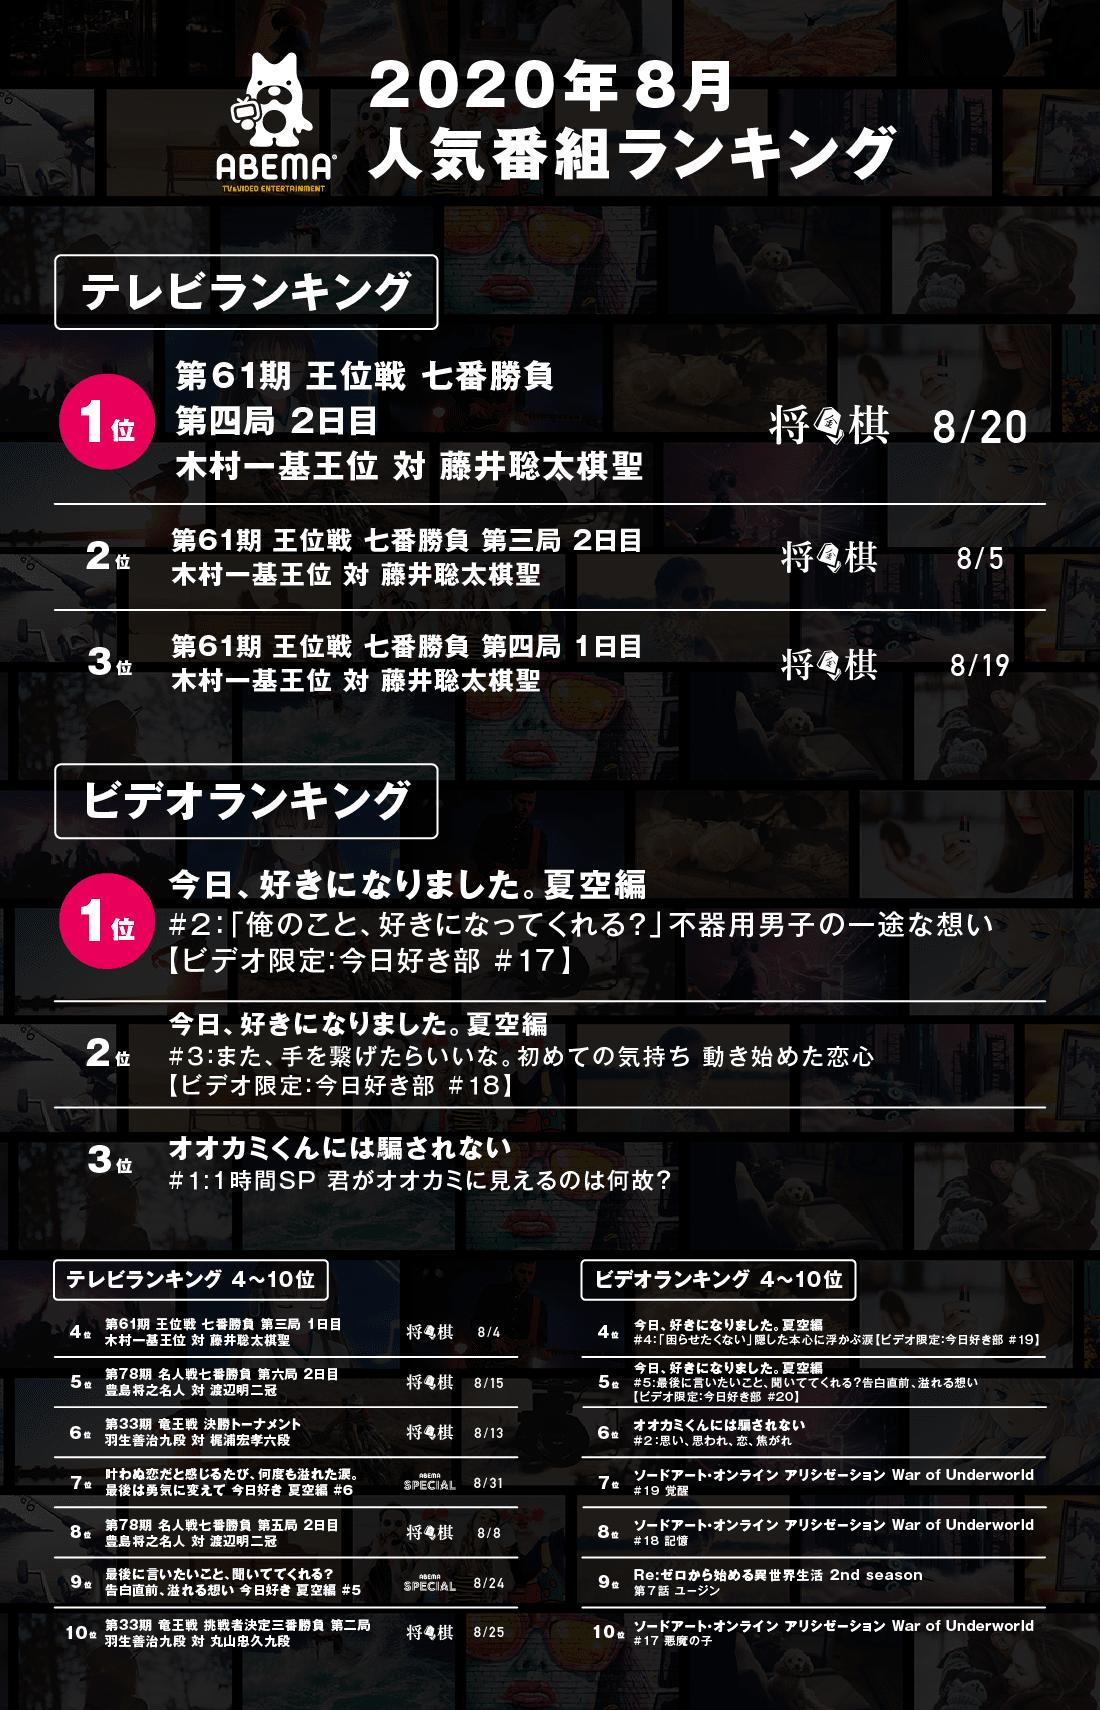 リアルタイム 藤井 聡太